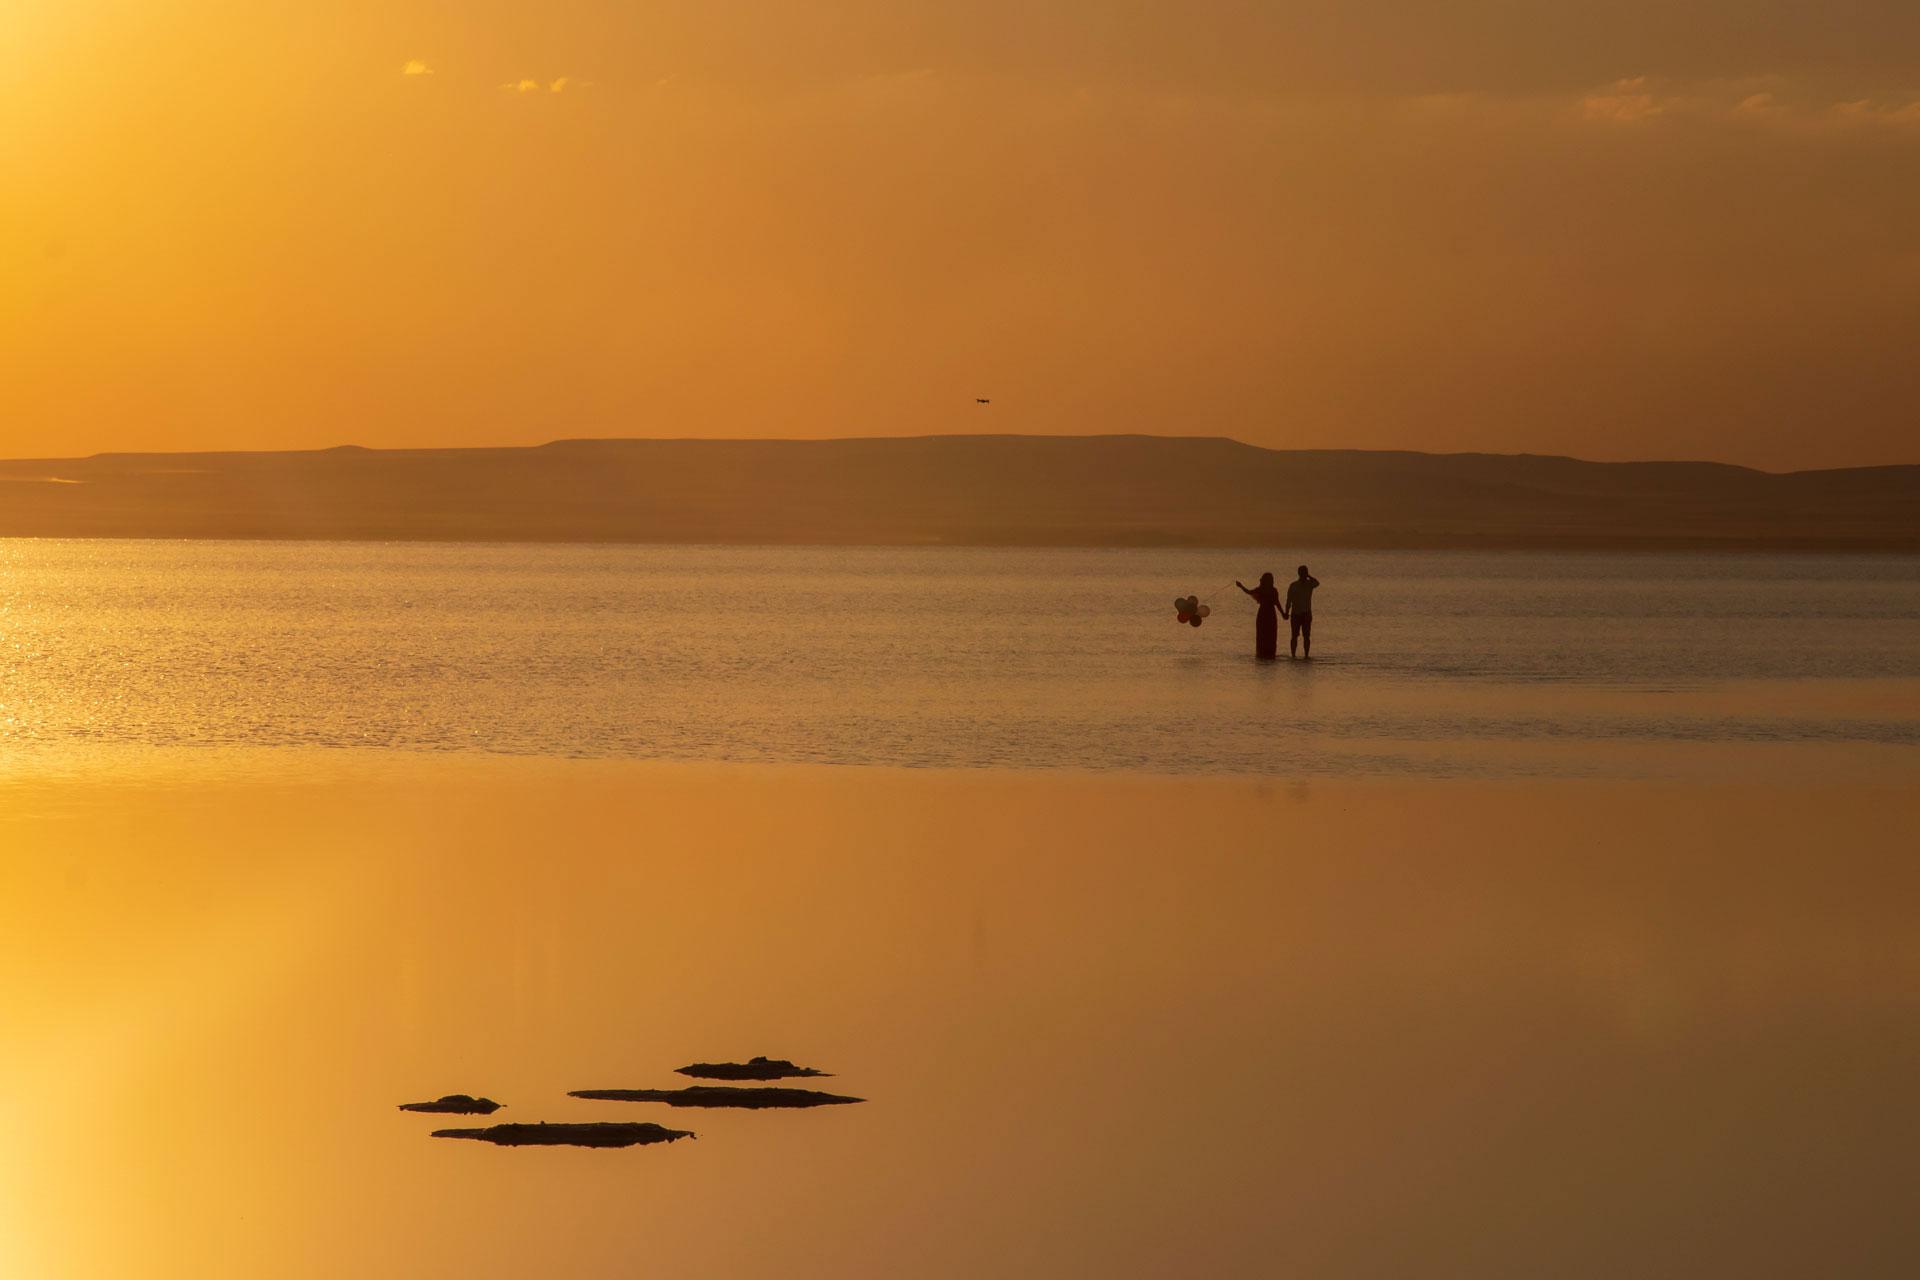 Tuz Gölü Fotoğrafları Tuz gölü resimleri Sunset Gün batımı çiftler ve balon çekimleri Çekergezer Hakan Aydın Fotoğrafları Tuz Gölü görselleri